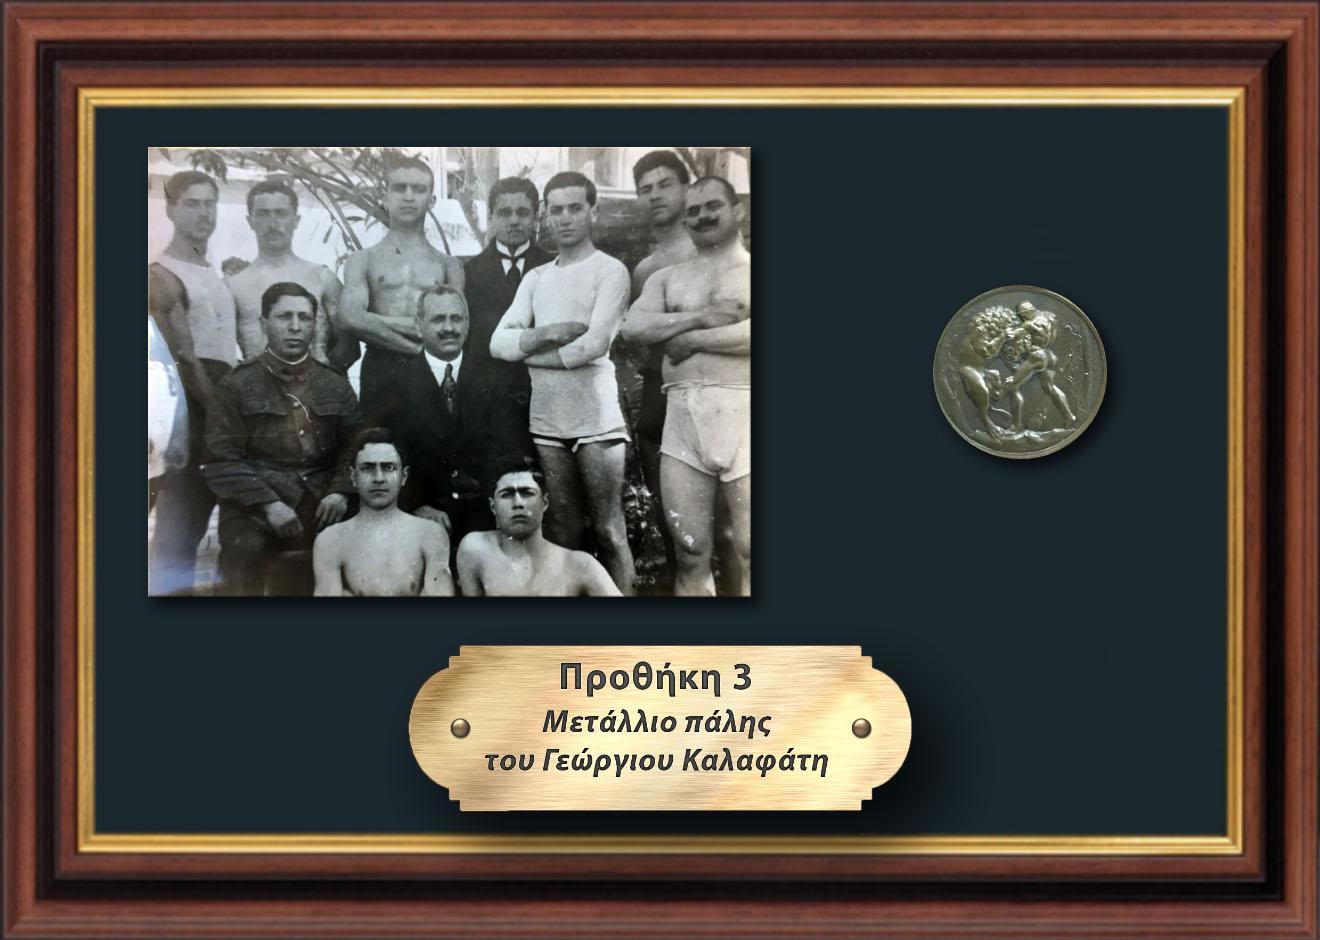 Τα μετάλλια του Γιώργου Καλαφάτη - προθήκη 03, Γιώργος Καλαφάτης, ο ιδρυτής του Παναθηναϊκού vivliapao.gr b-e.gr 1908.gr